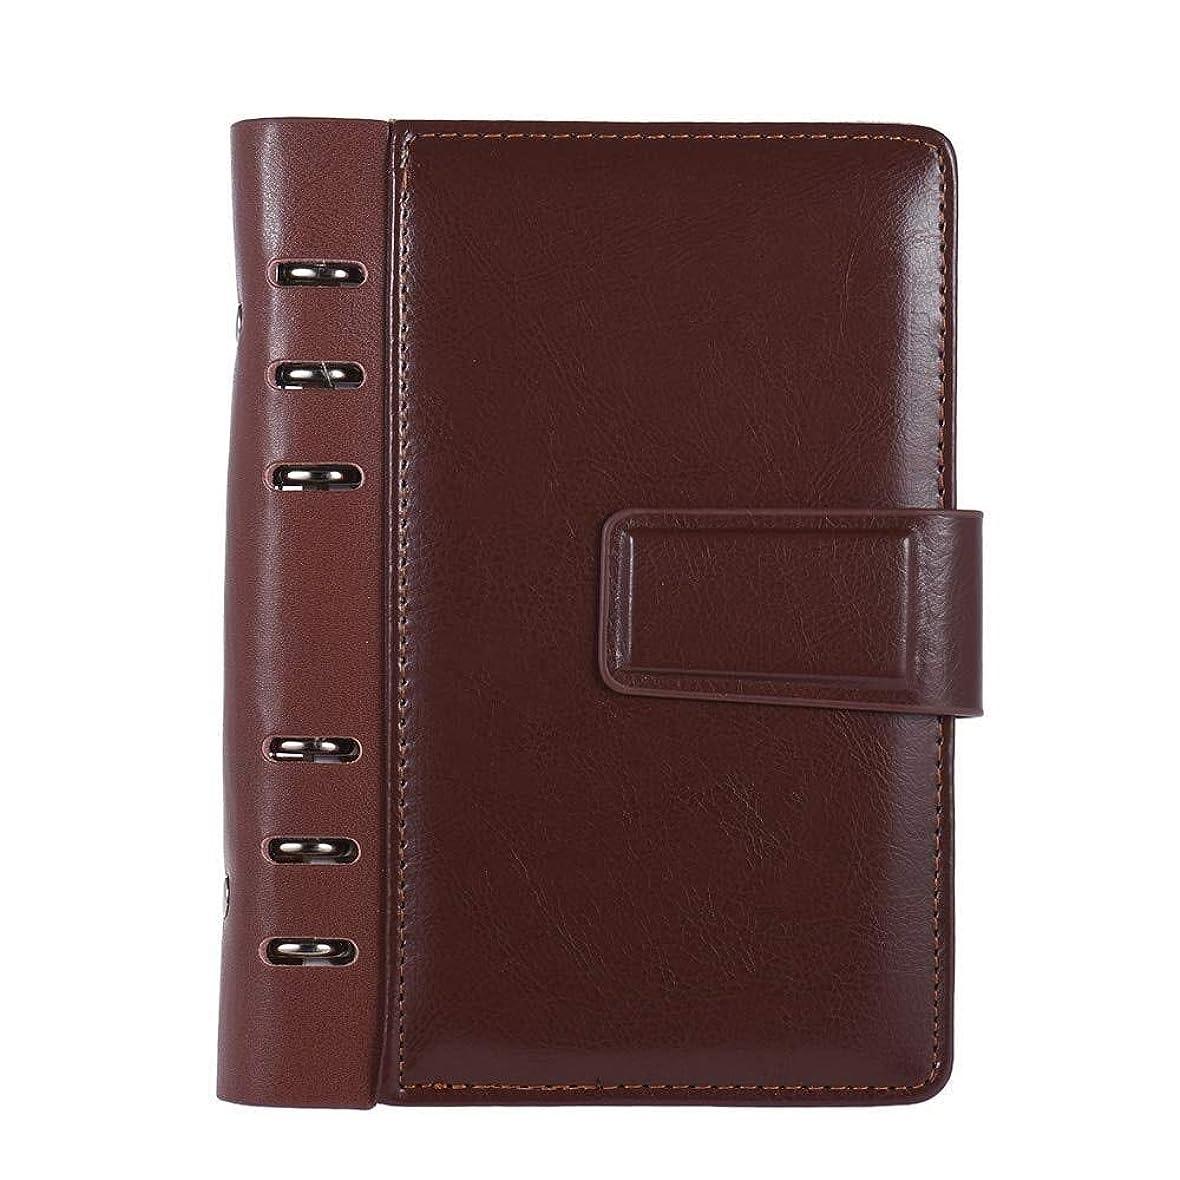 家族タッチサポートペンホルダー付き充填可能A5ビジネスノートブック、レザー多機能レトロデザインメモ帳文房具、会議記録帳 (Color : Brown)